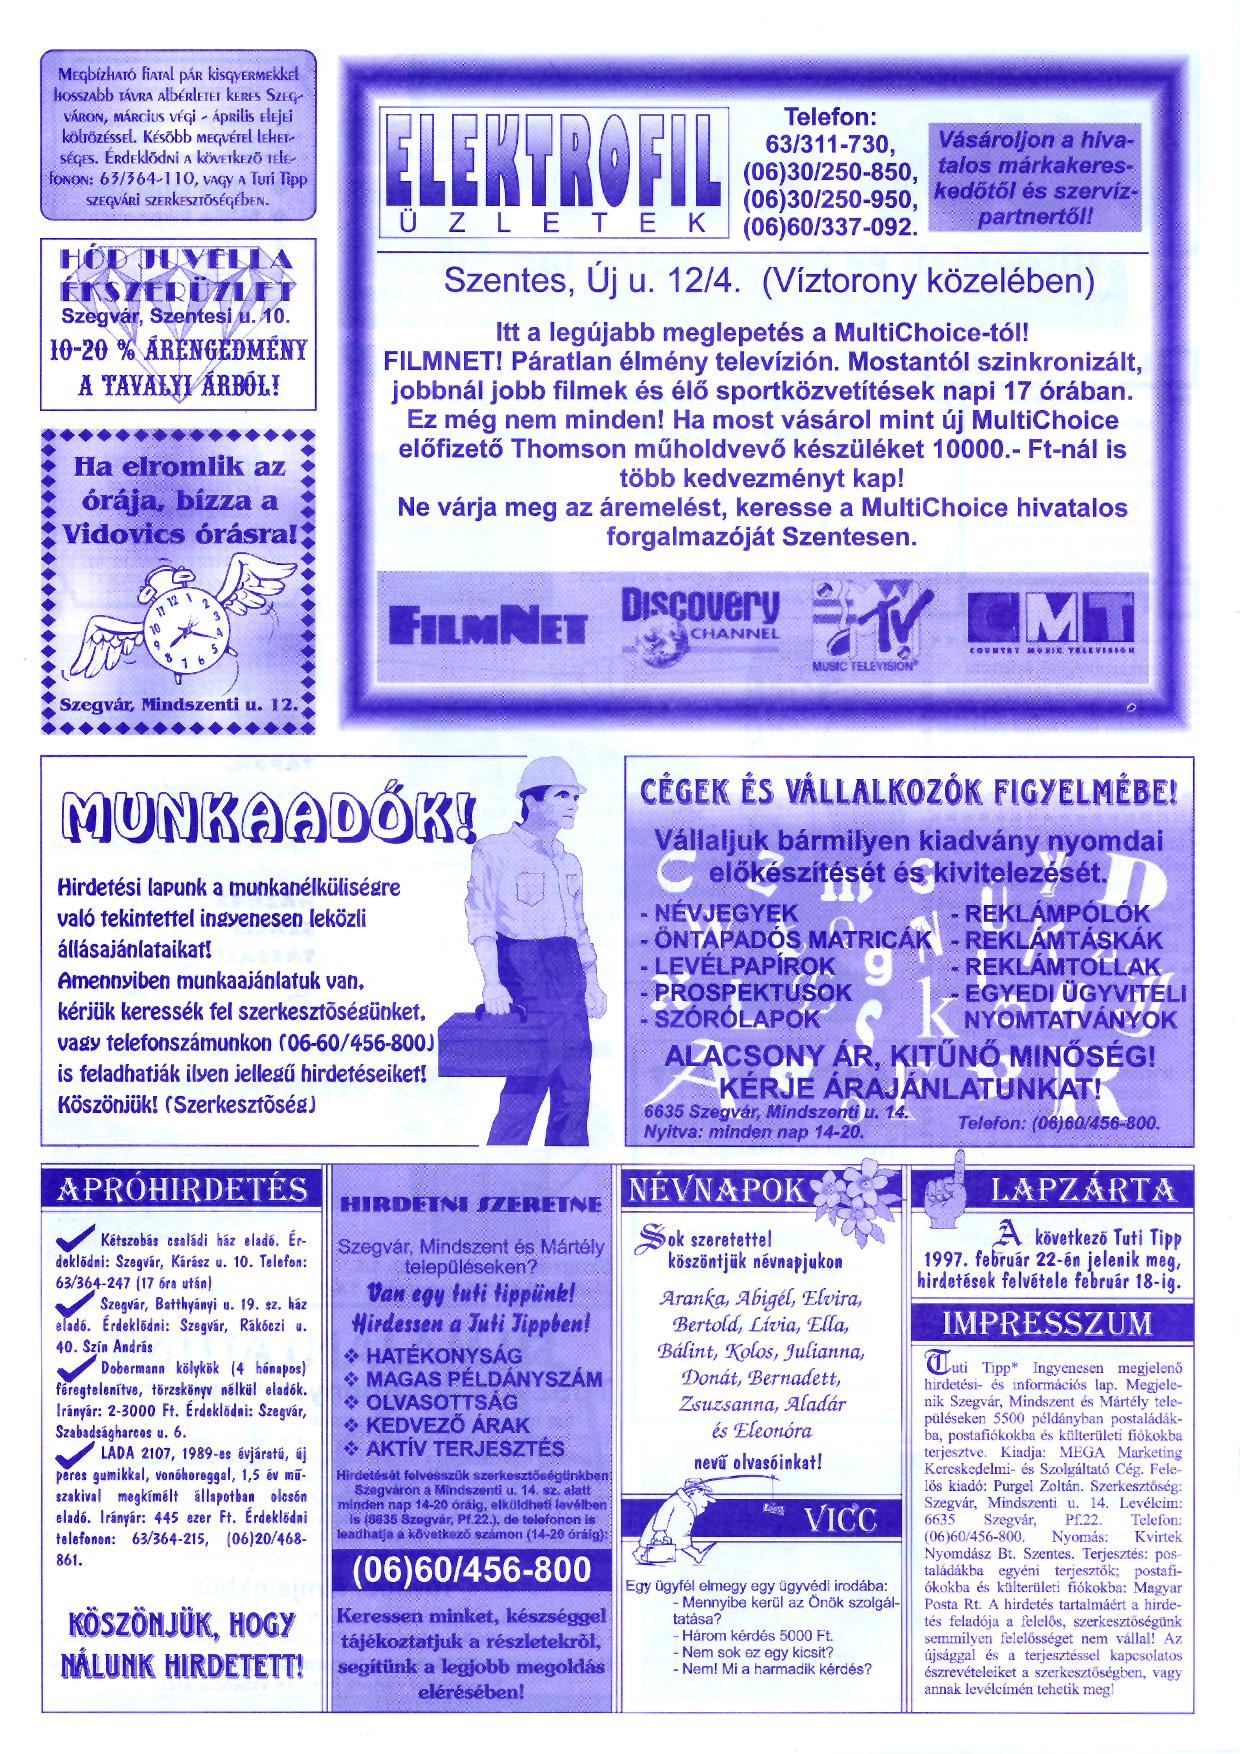 004 Tuti Tipp reklámújság - 19970208-055. lapszám - 2.oldal - III. évfolyam.jpg